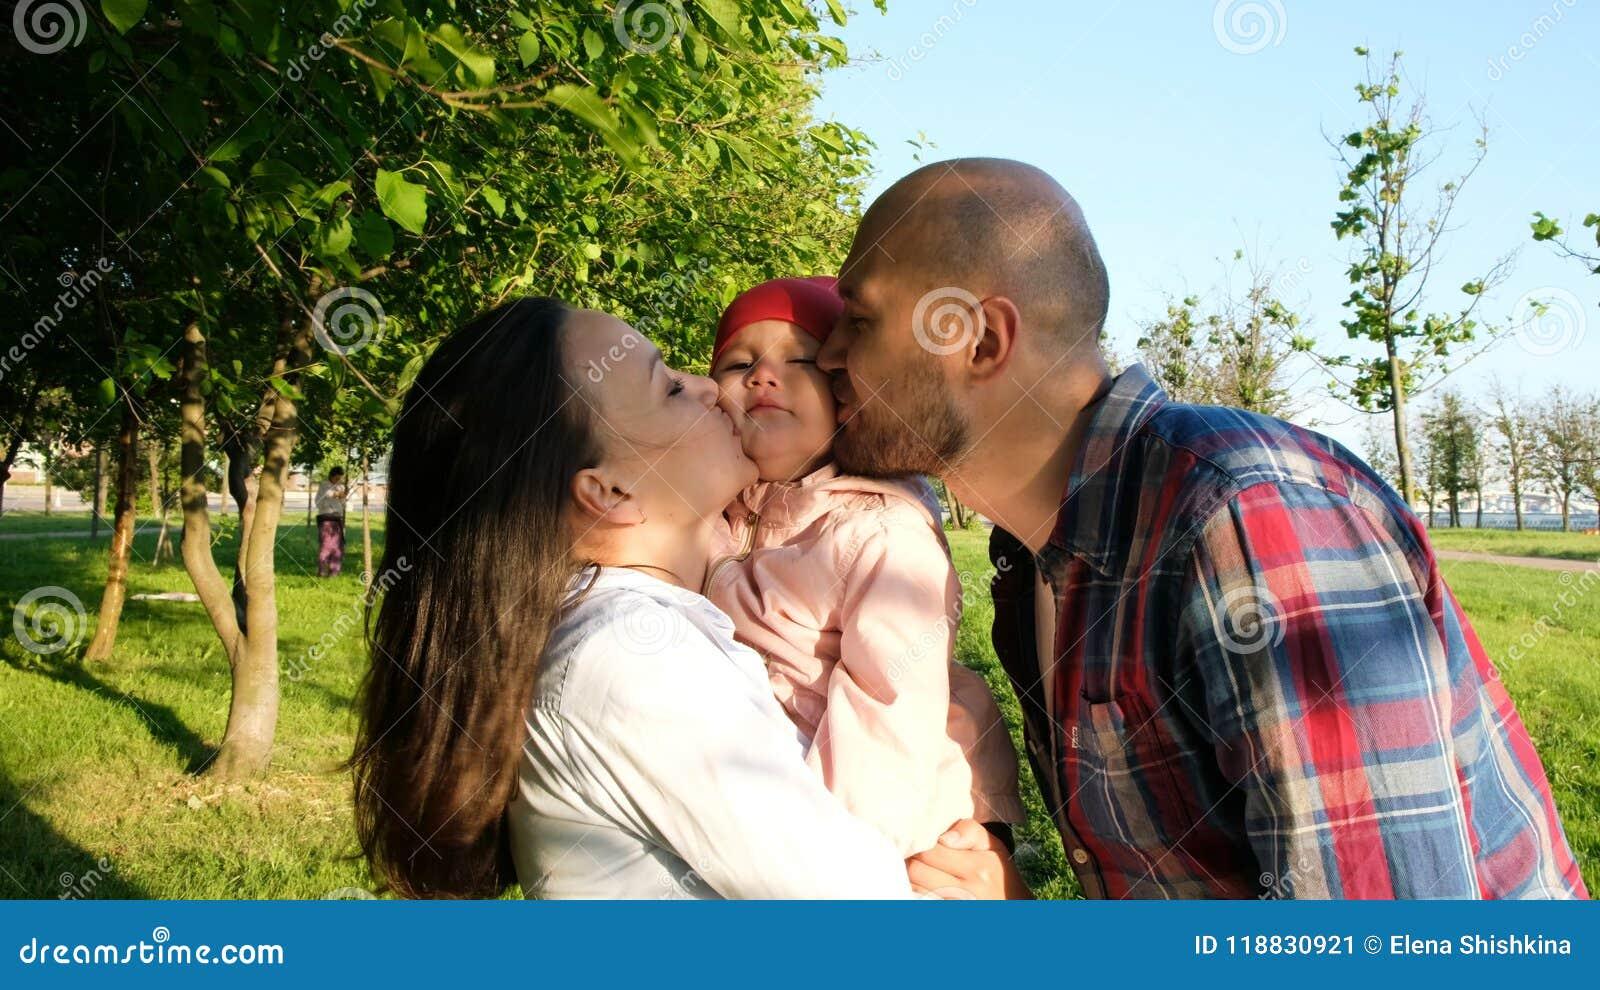 Οι γονείς φιλούν το παιδί και στα δύο μάγουλα Ευτυχής νέα οικογένεια που έχει ένα υπόλοιπο στη φύση σε ένα πάρκο στο ηλιοβασίλεμα